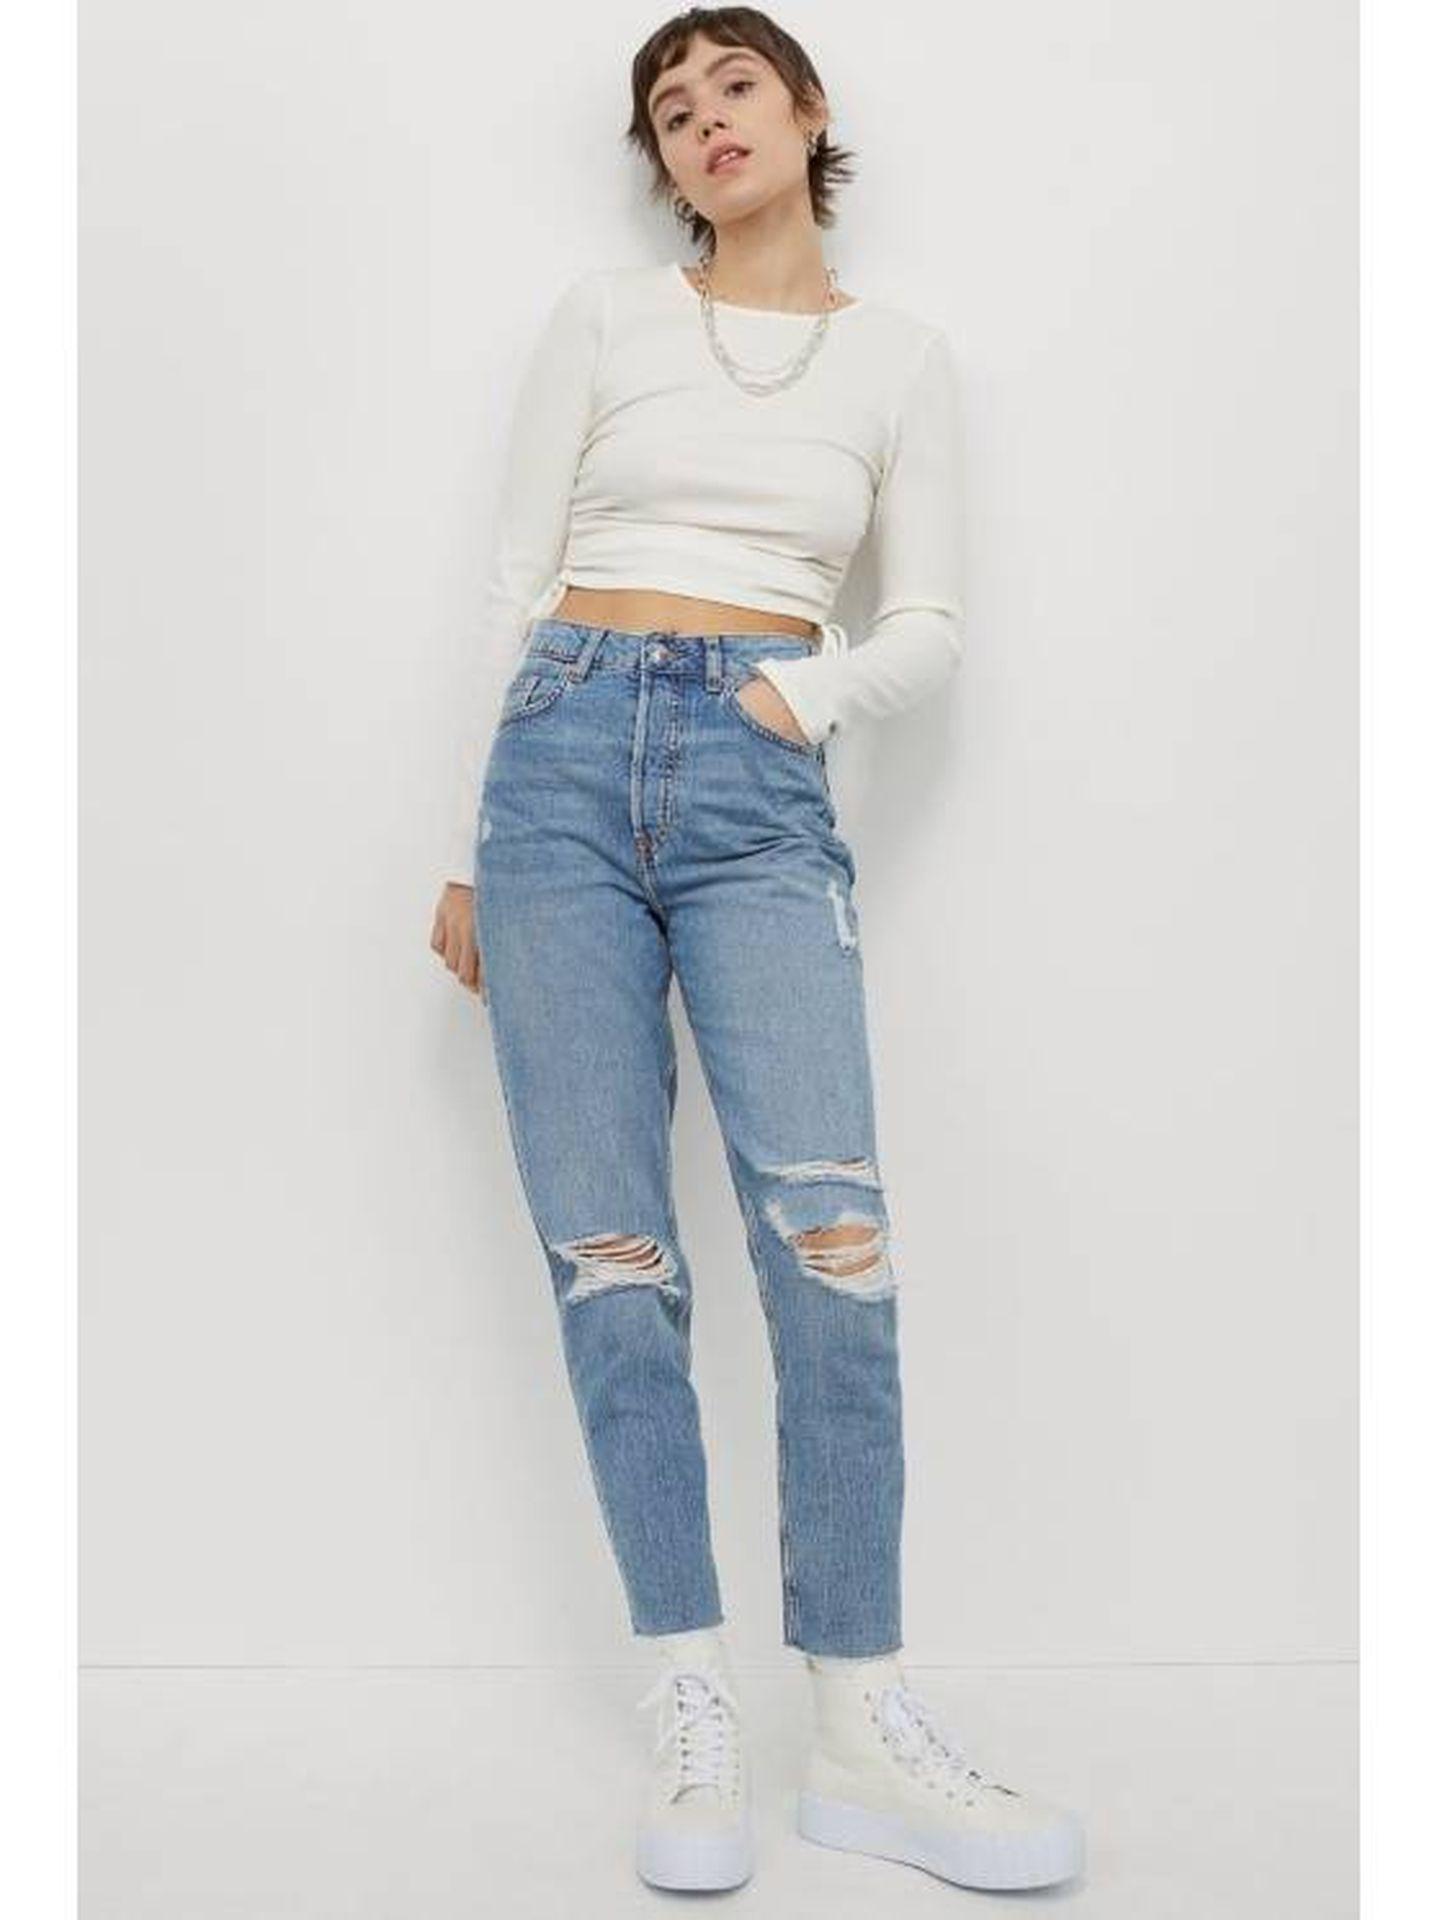 Los jeans de HyM que tiene la influencer Rocío Osorno. (Cortesía)